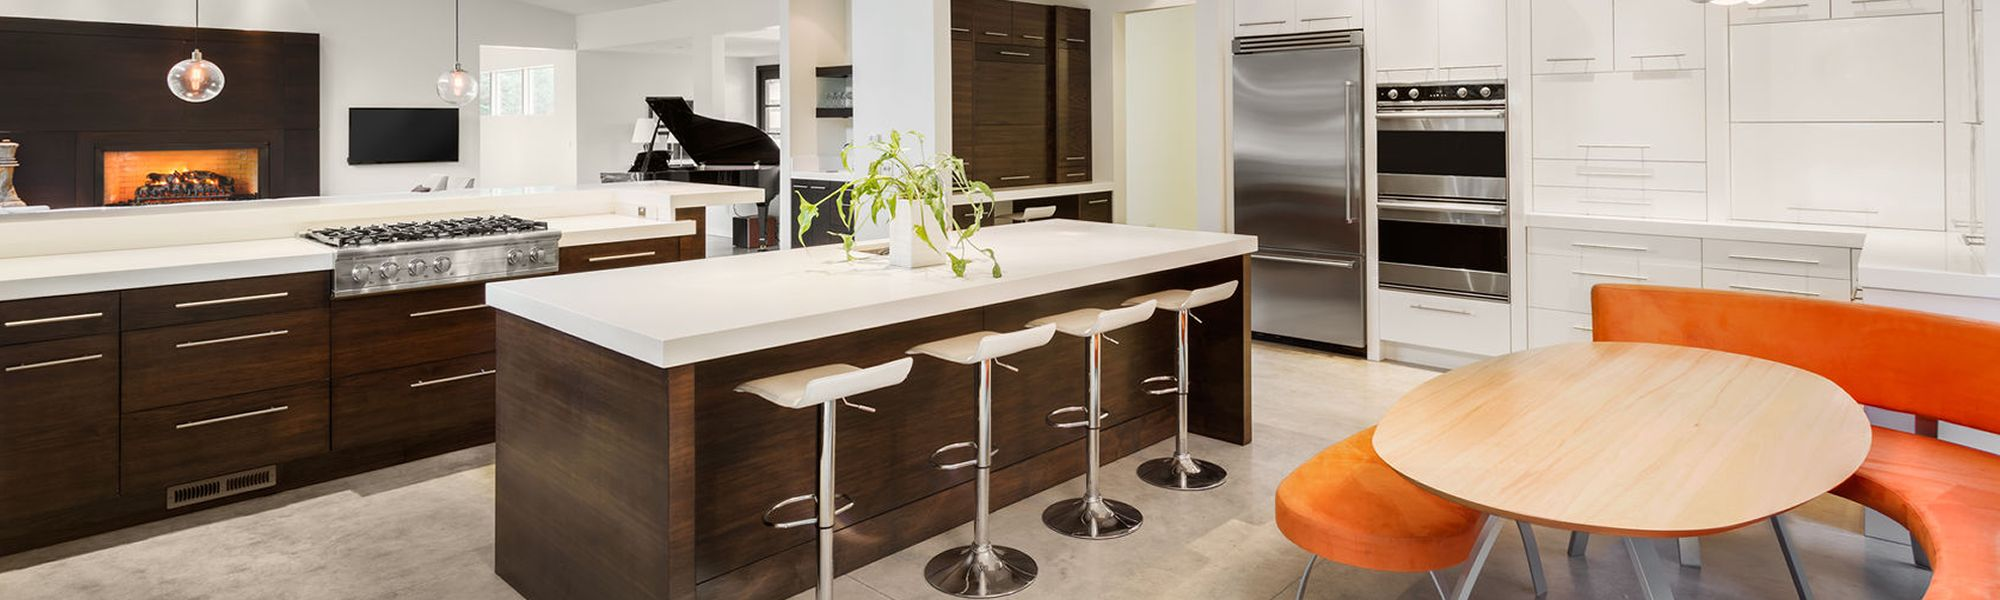 Graeser Ihr Spezialist rund ums Haus, Küchen, Bäder, Innenausbau ...